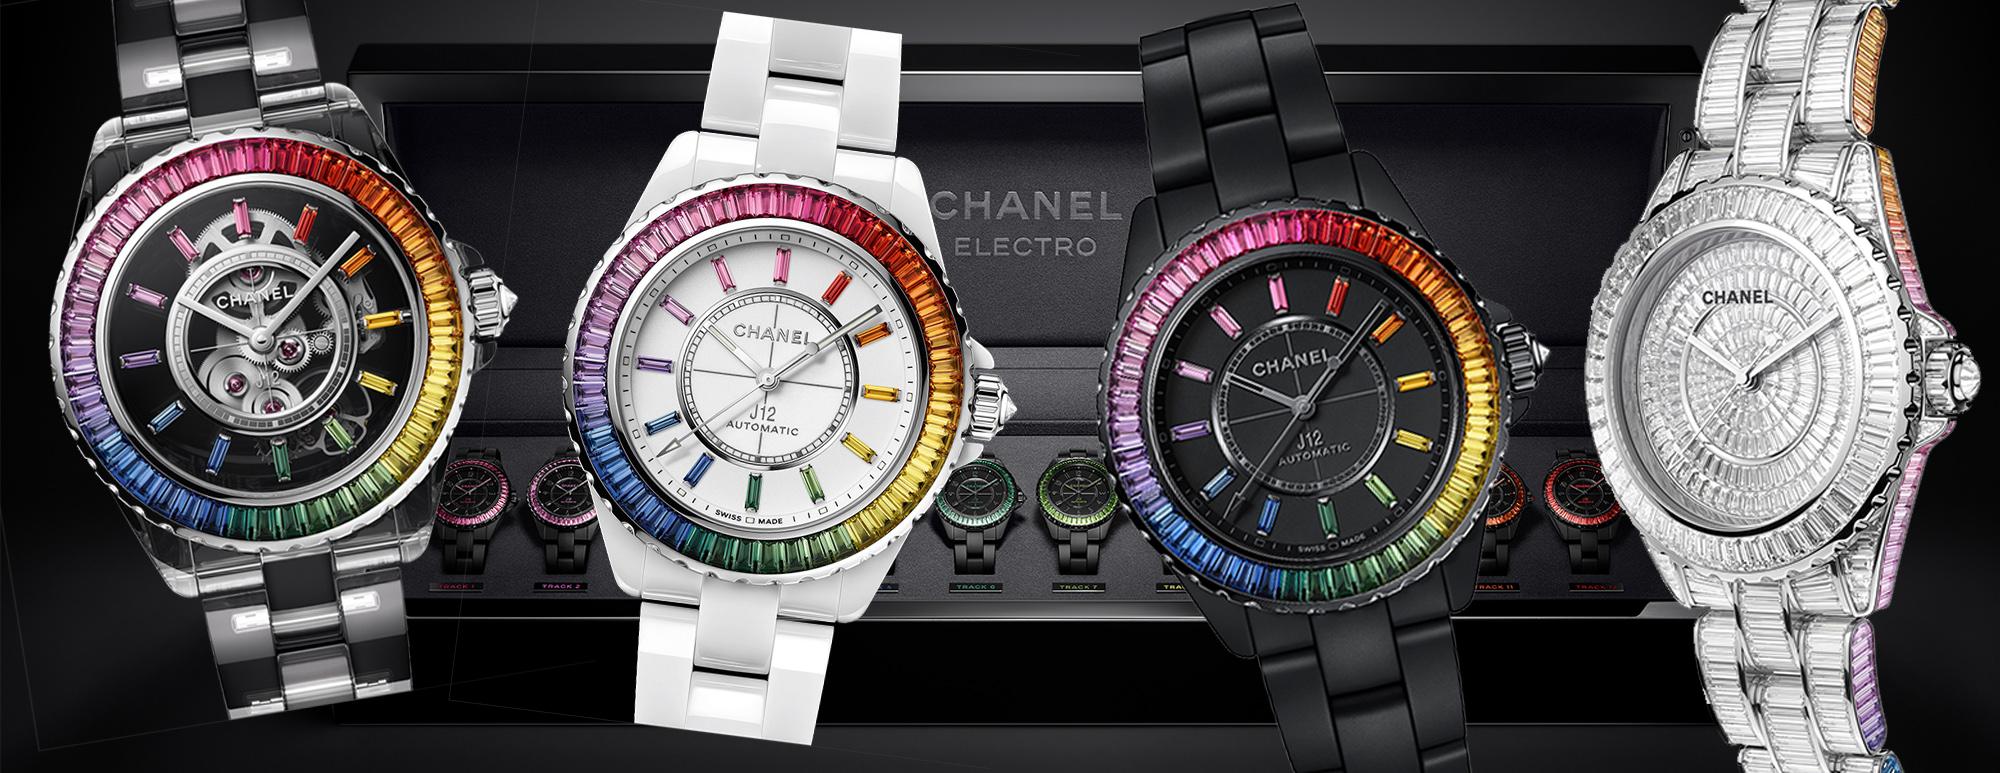 Điểm qua những mẫu đồng hồ Chanel mới ra mắt trong năm 2021